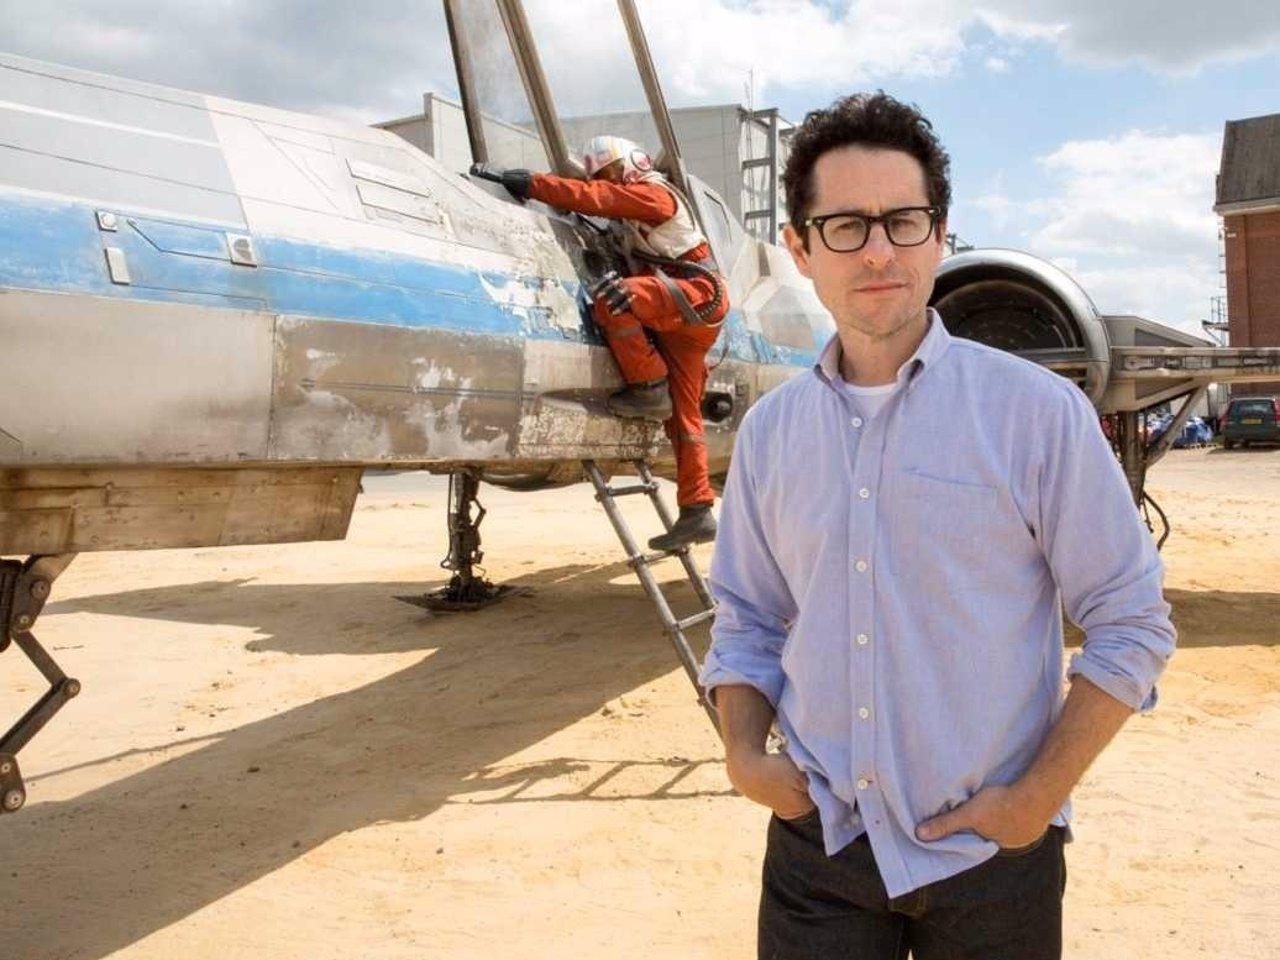 J.J. Abrams en el rodaje de Star Wars VII